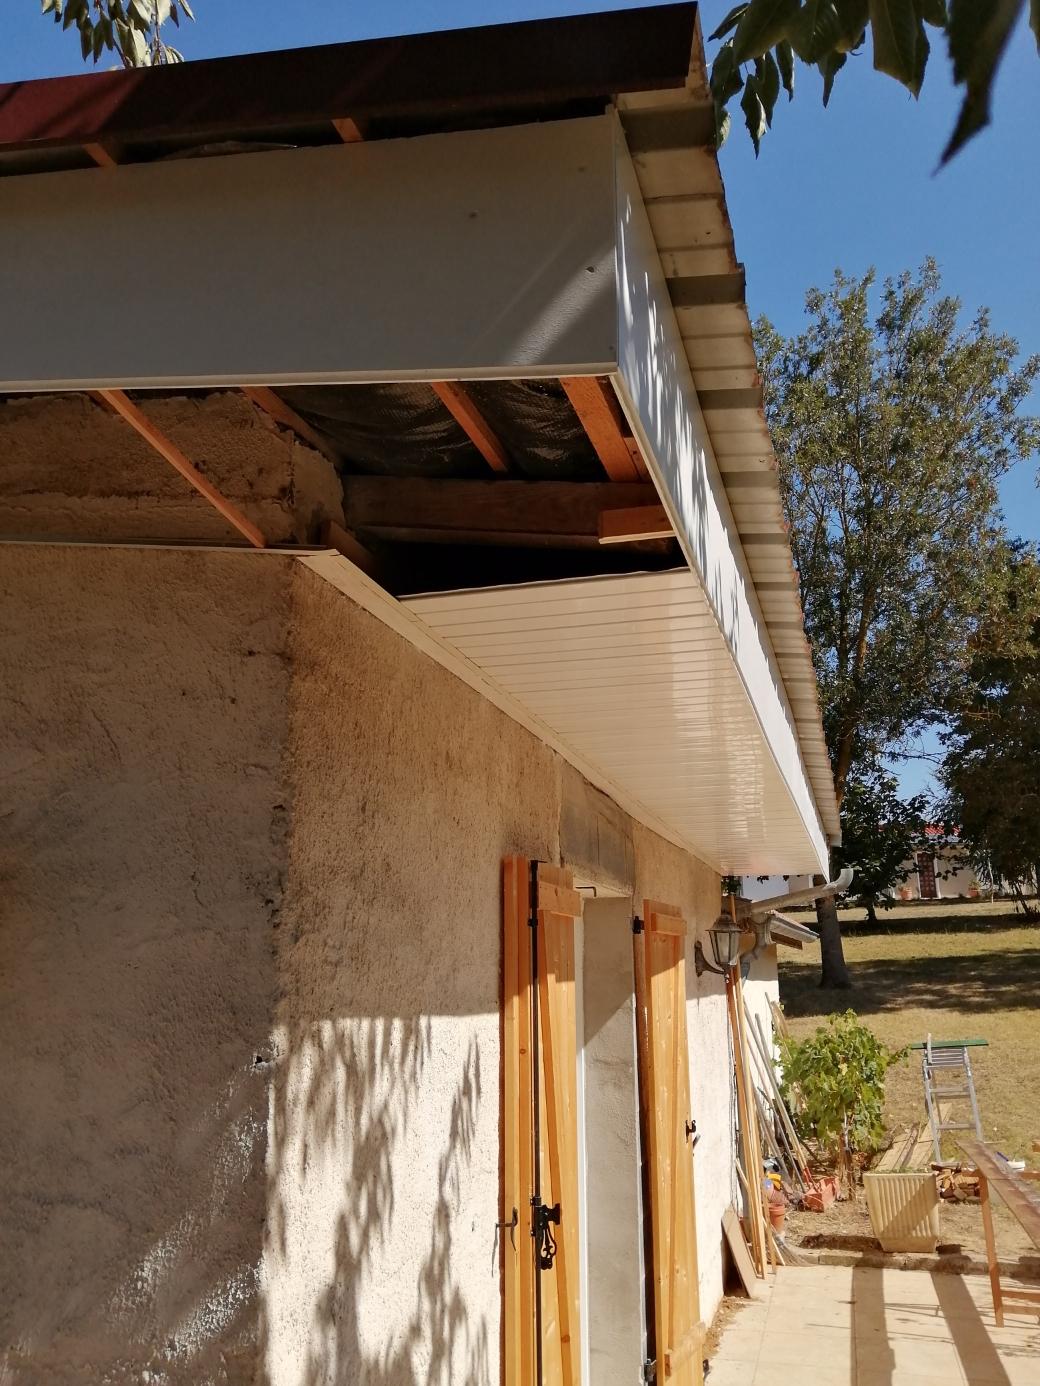 restauration d'une avancée de toit